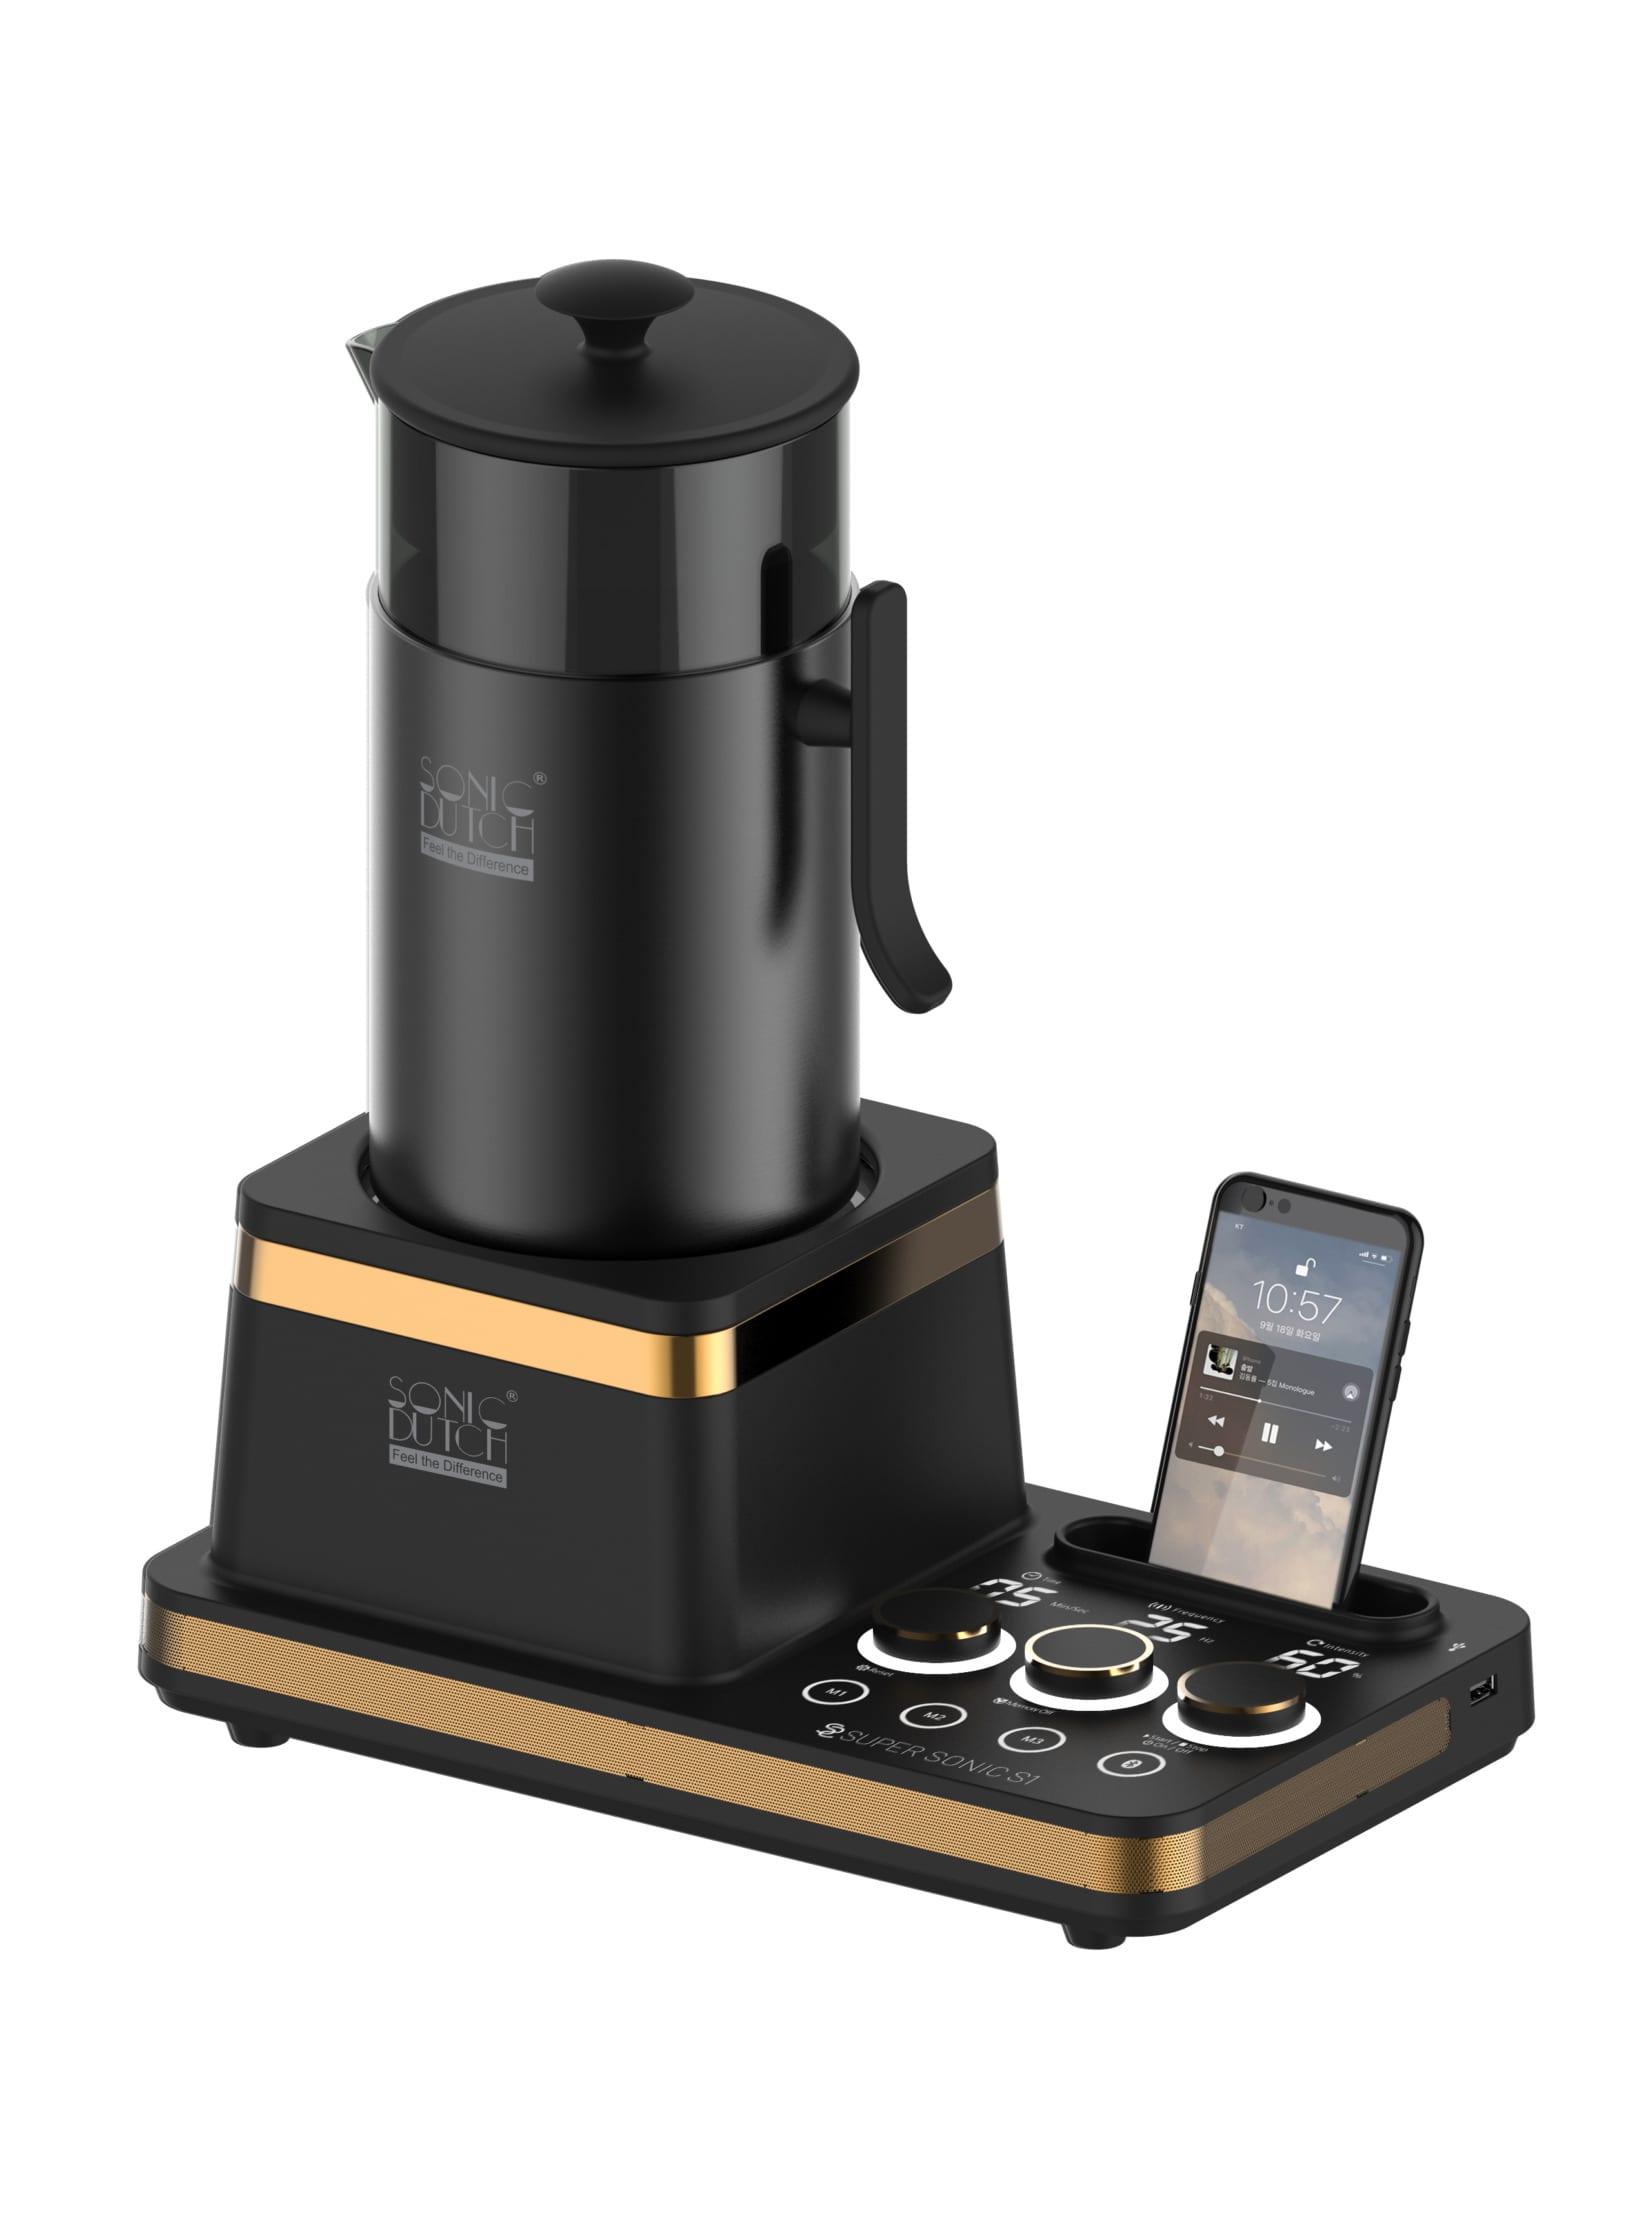 【音波式水出しコーヒーメーカー】各国の賞を総なめした5分で作れるSONIC DUTCH(ソニックダッチ)